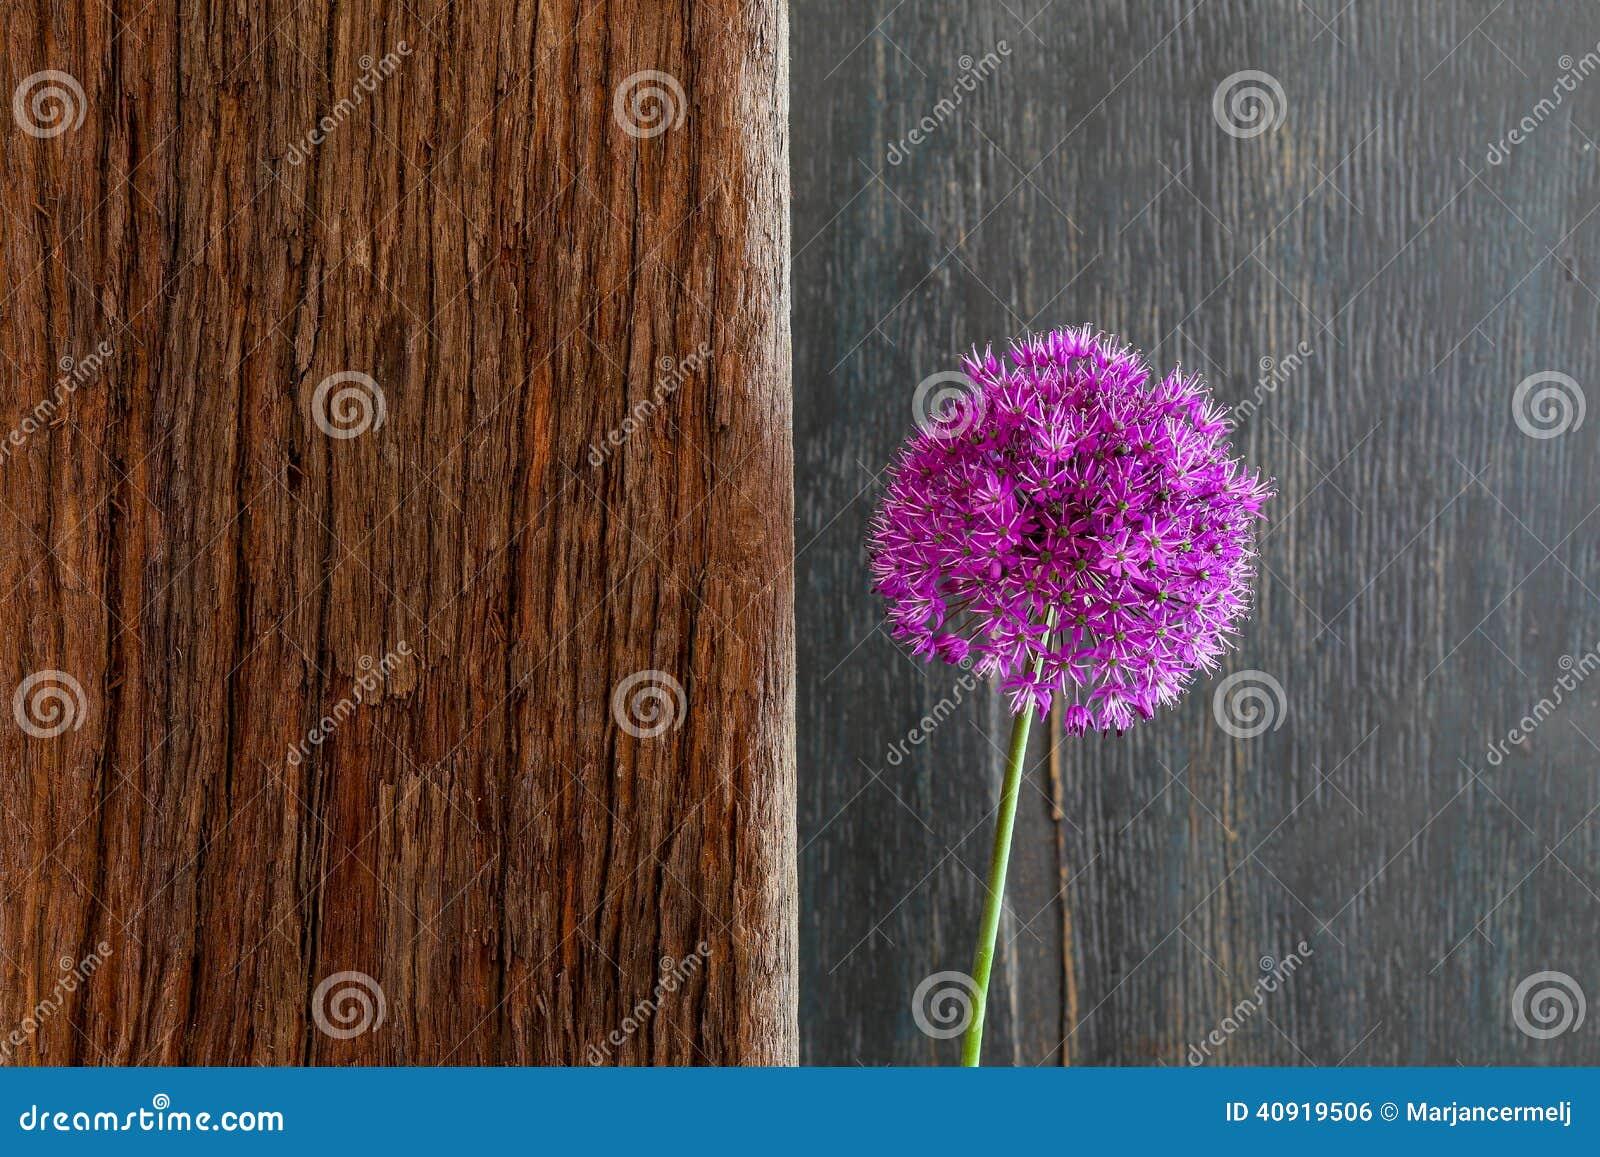 Allium Sierui Violet Showy Flower Head Driftwood